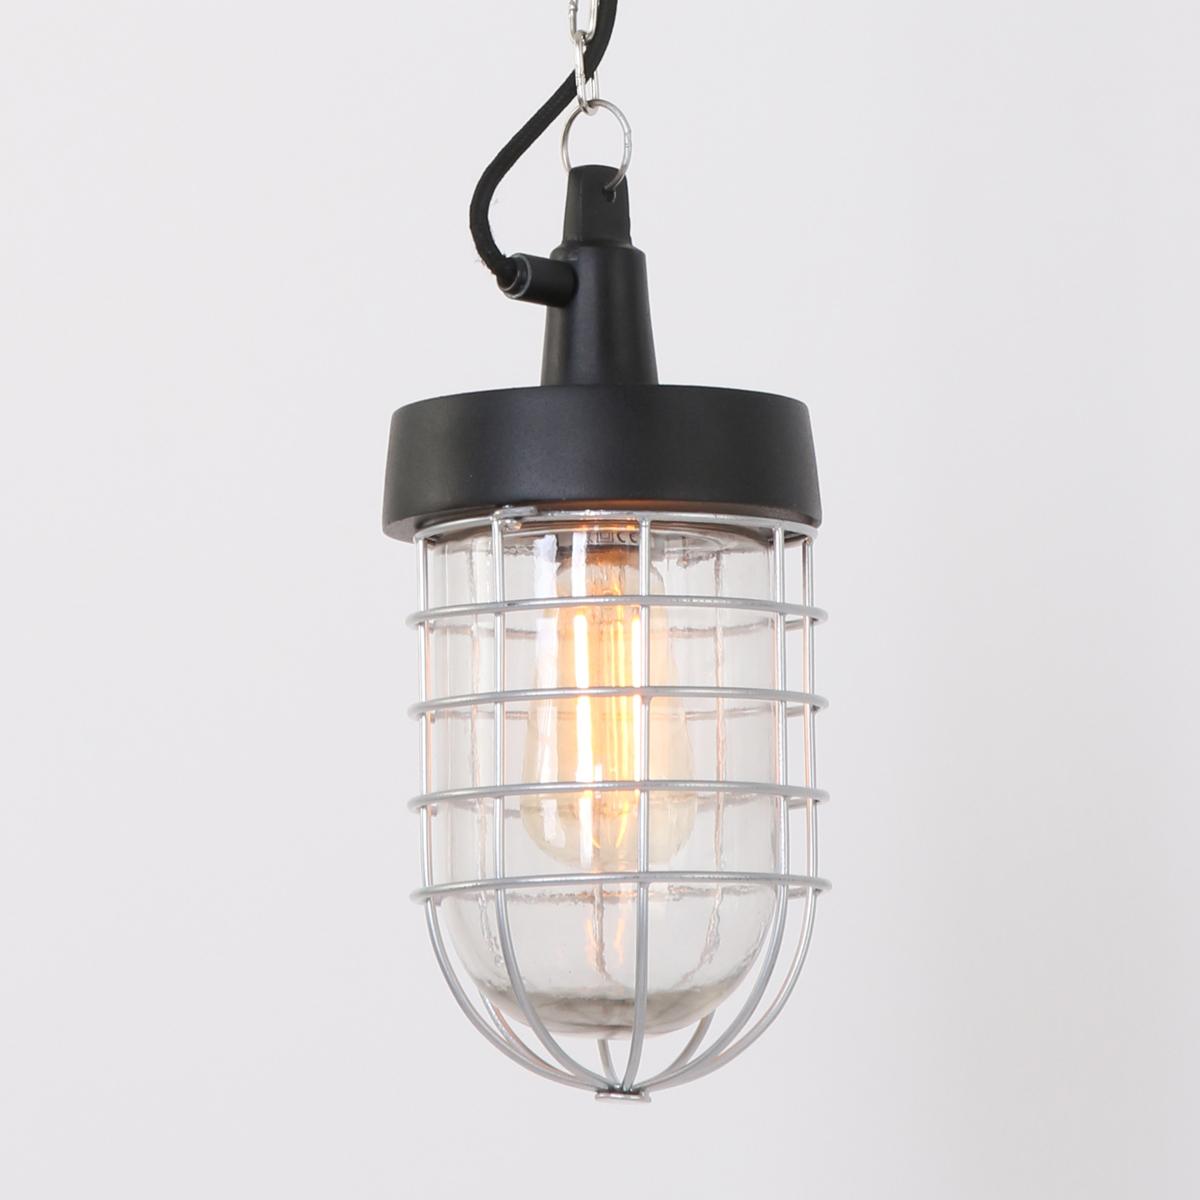 Steinhauer Hanglamp Mexlite industrieel Steinhauer 7835ZW